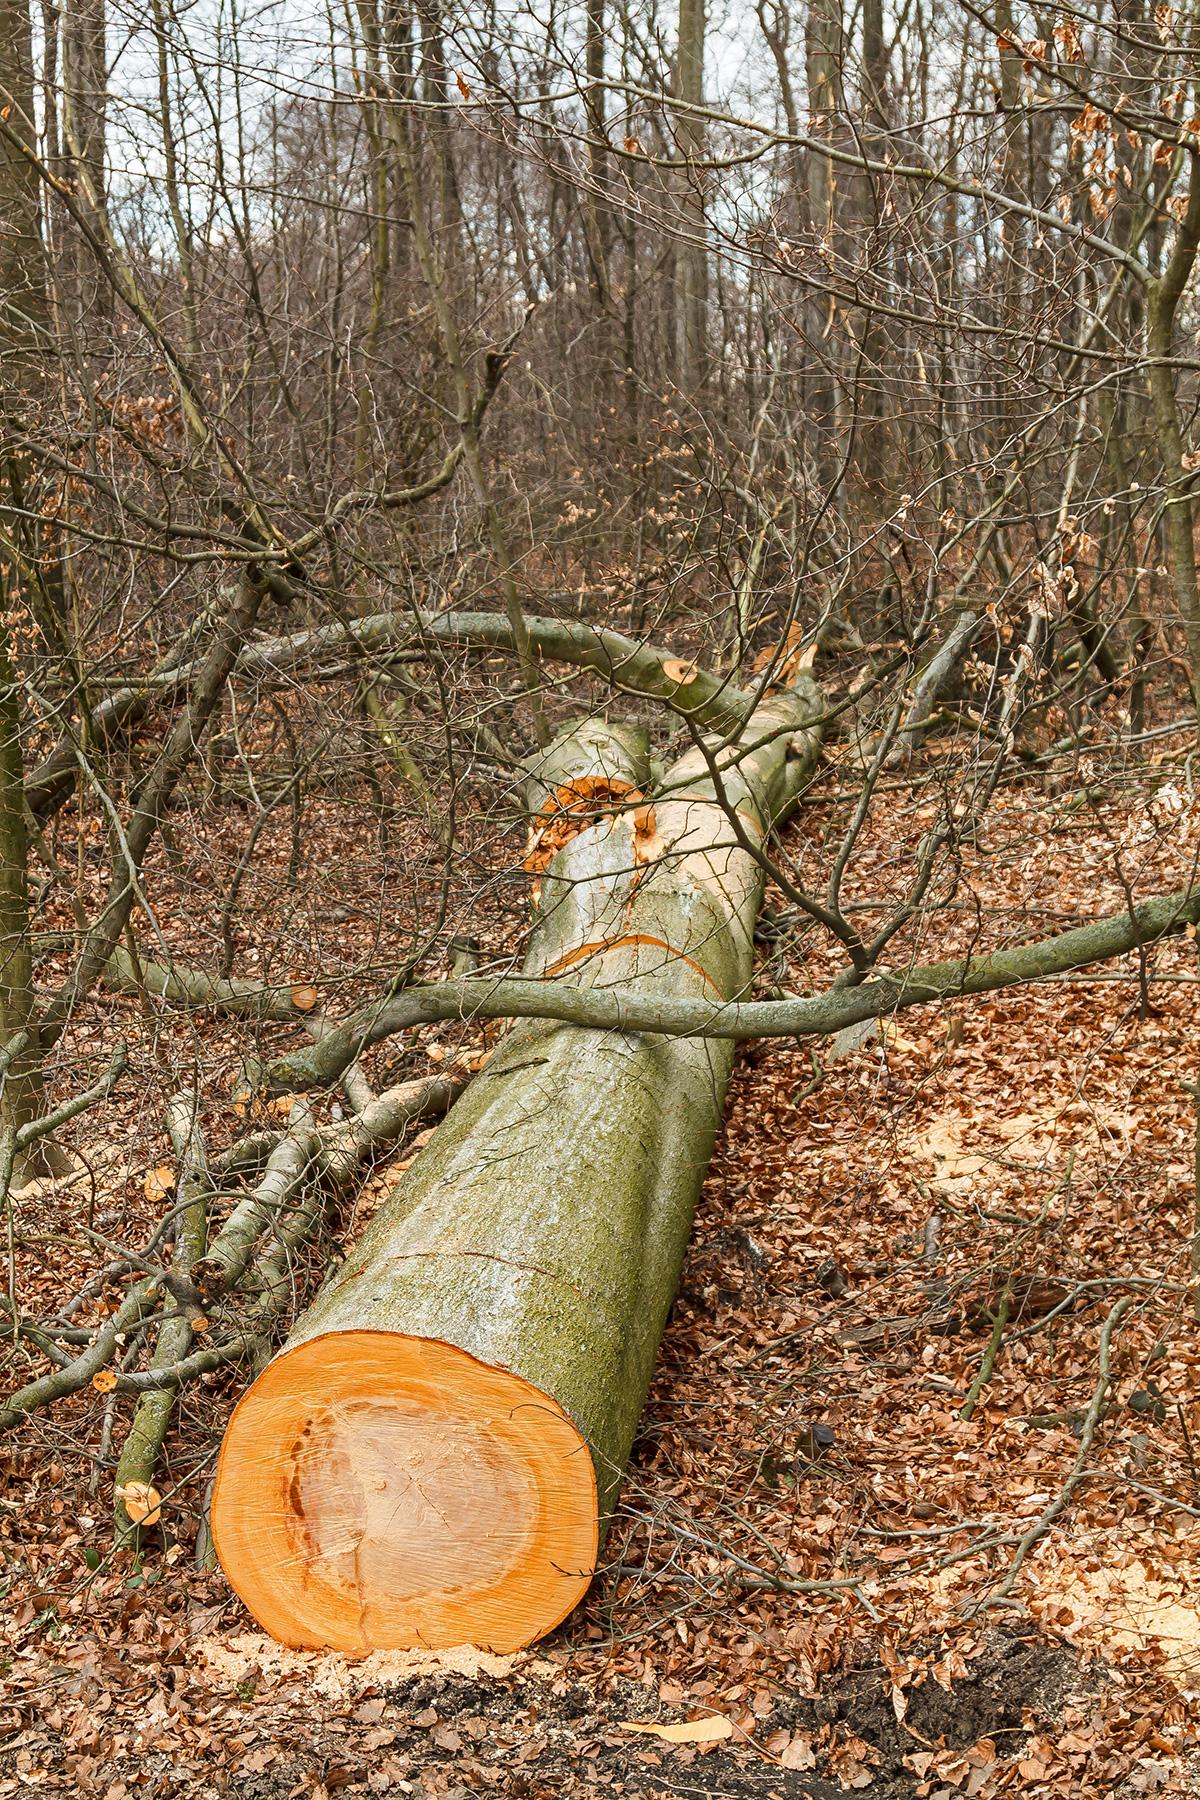 gefällter Baum mitten im Buchenjungwuchs